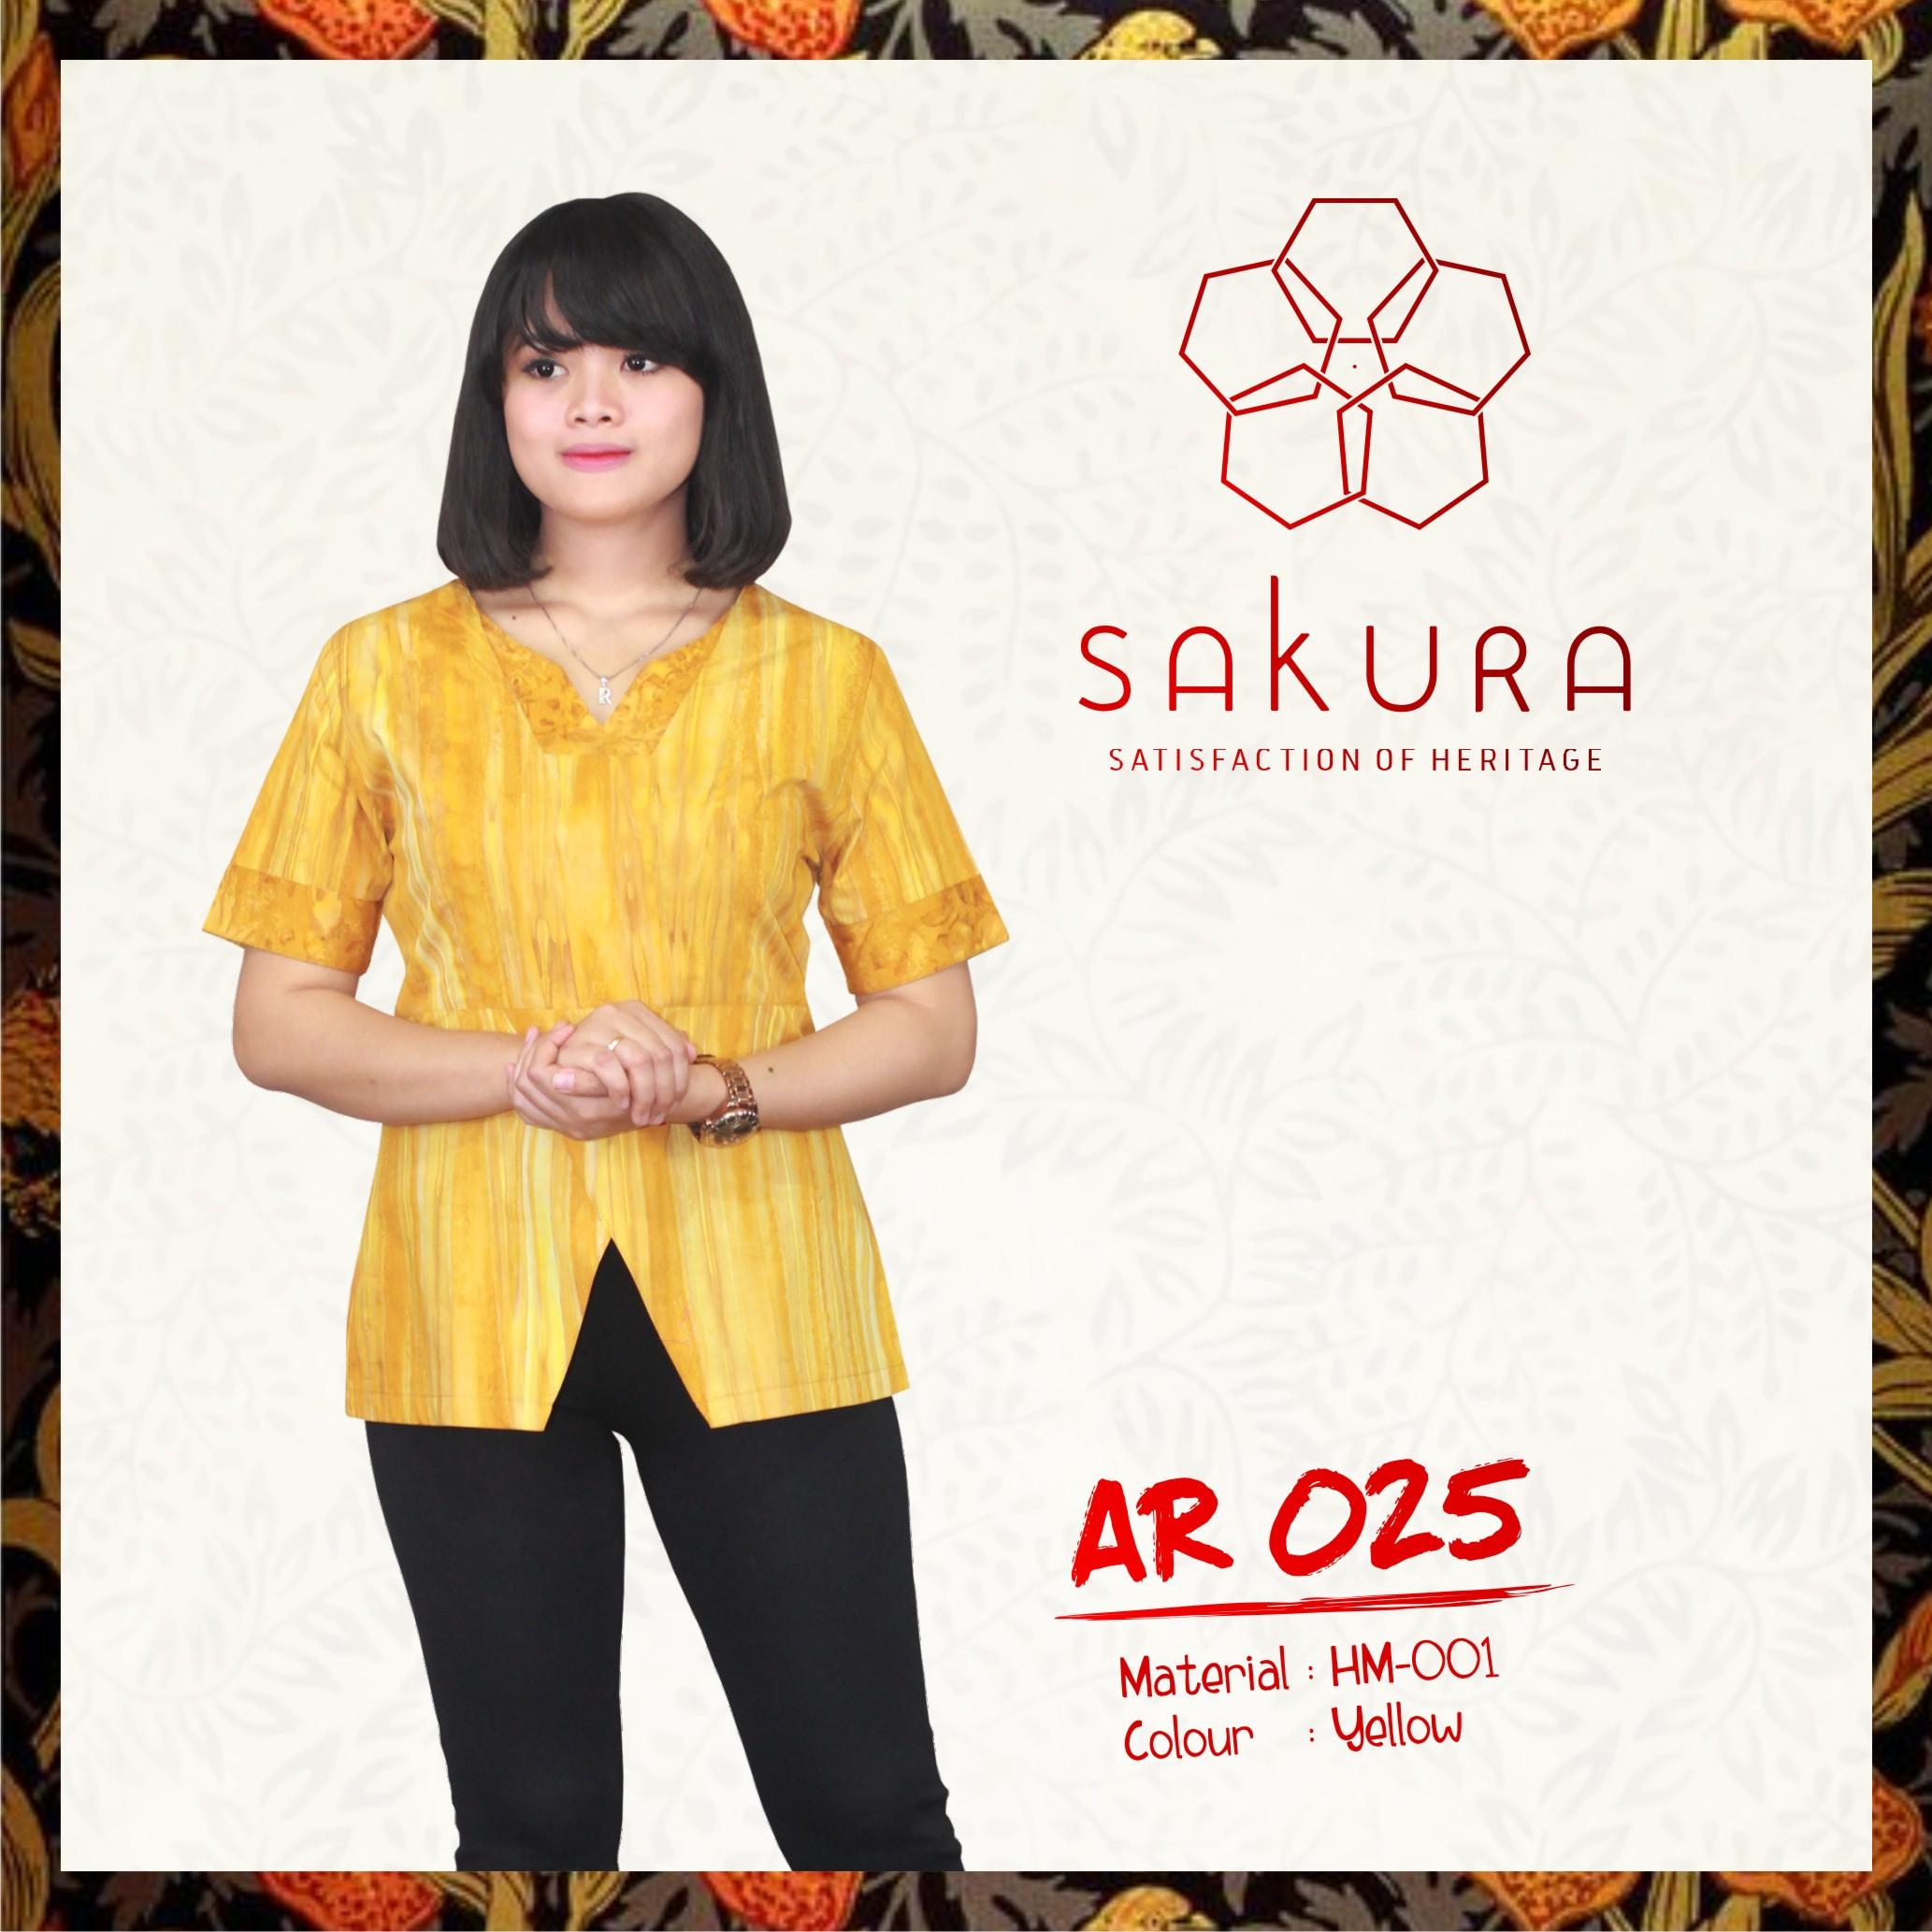 sampel garment PT Sakuratex by solo